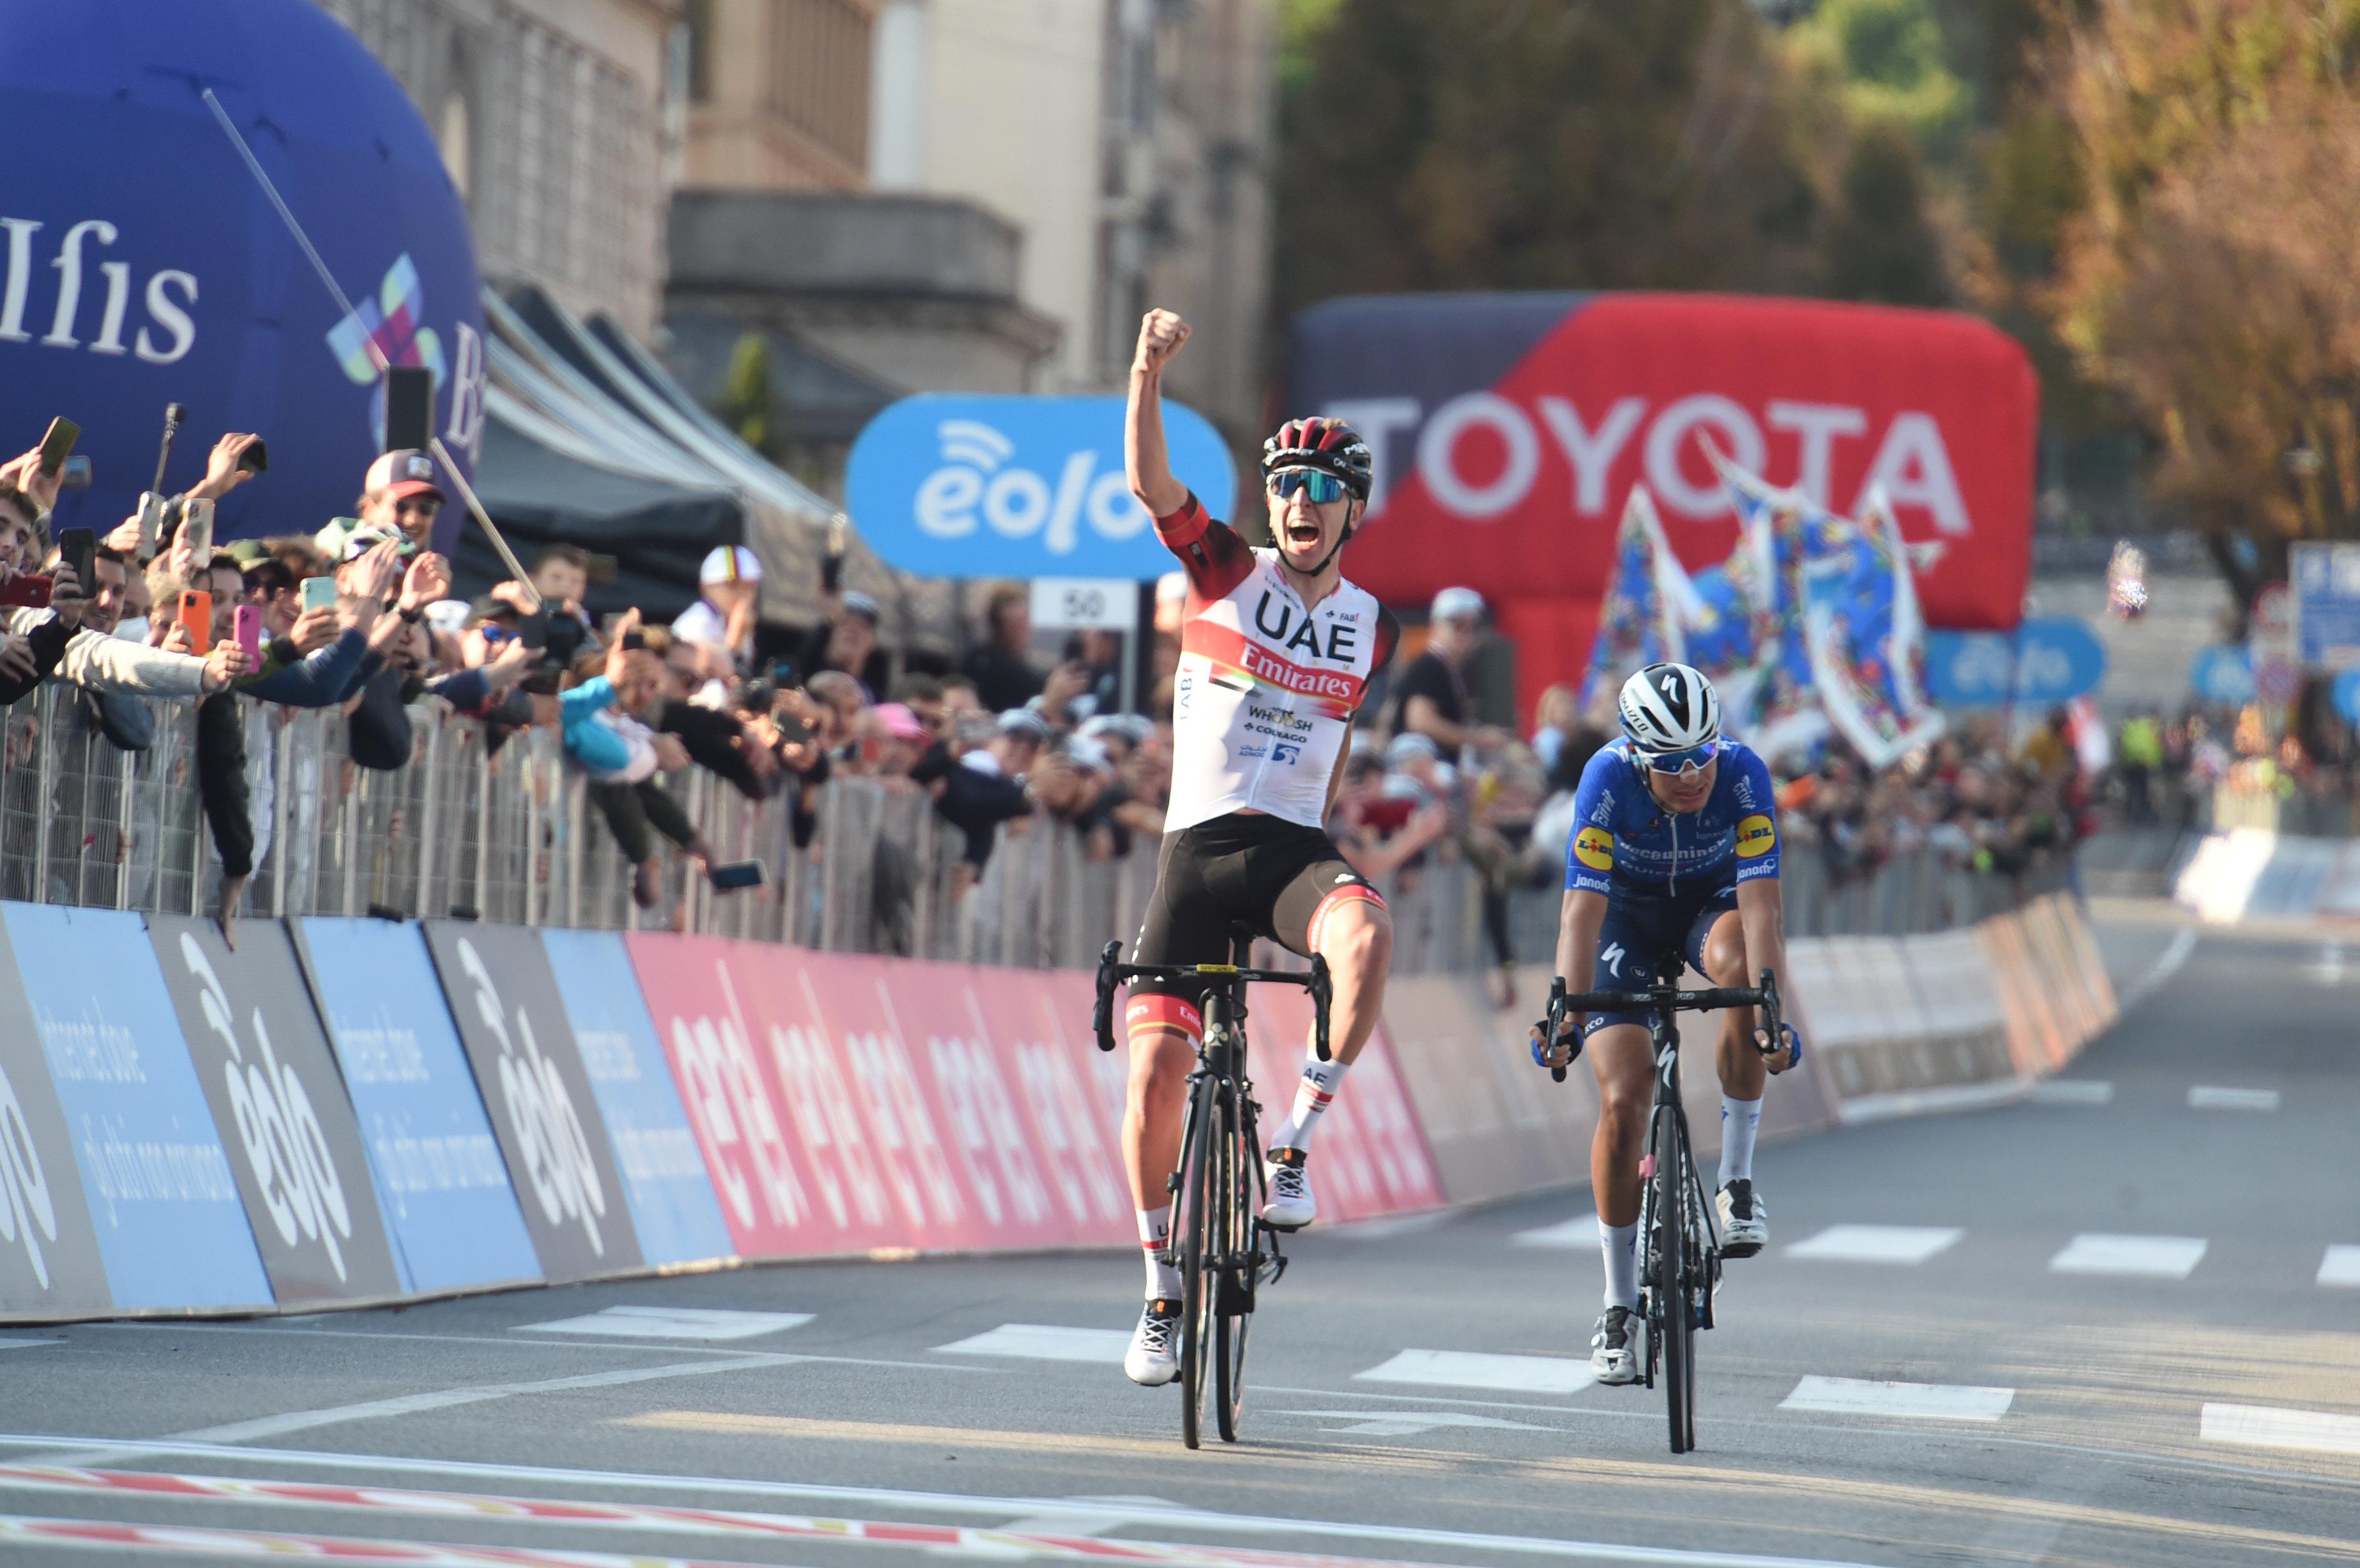 Za konec sezone še en šampionski podvig - Tadej Pogačar je v Lombardiji osvojil še drugi spomenik!